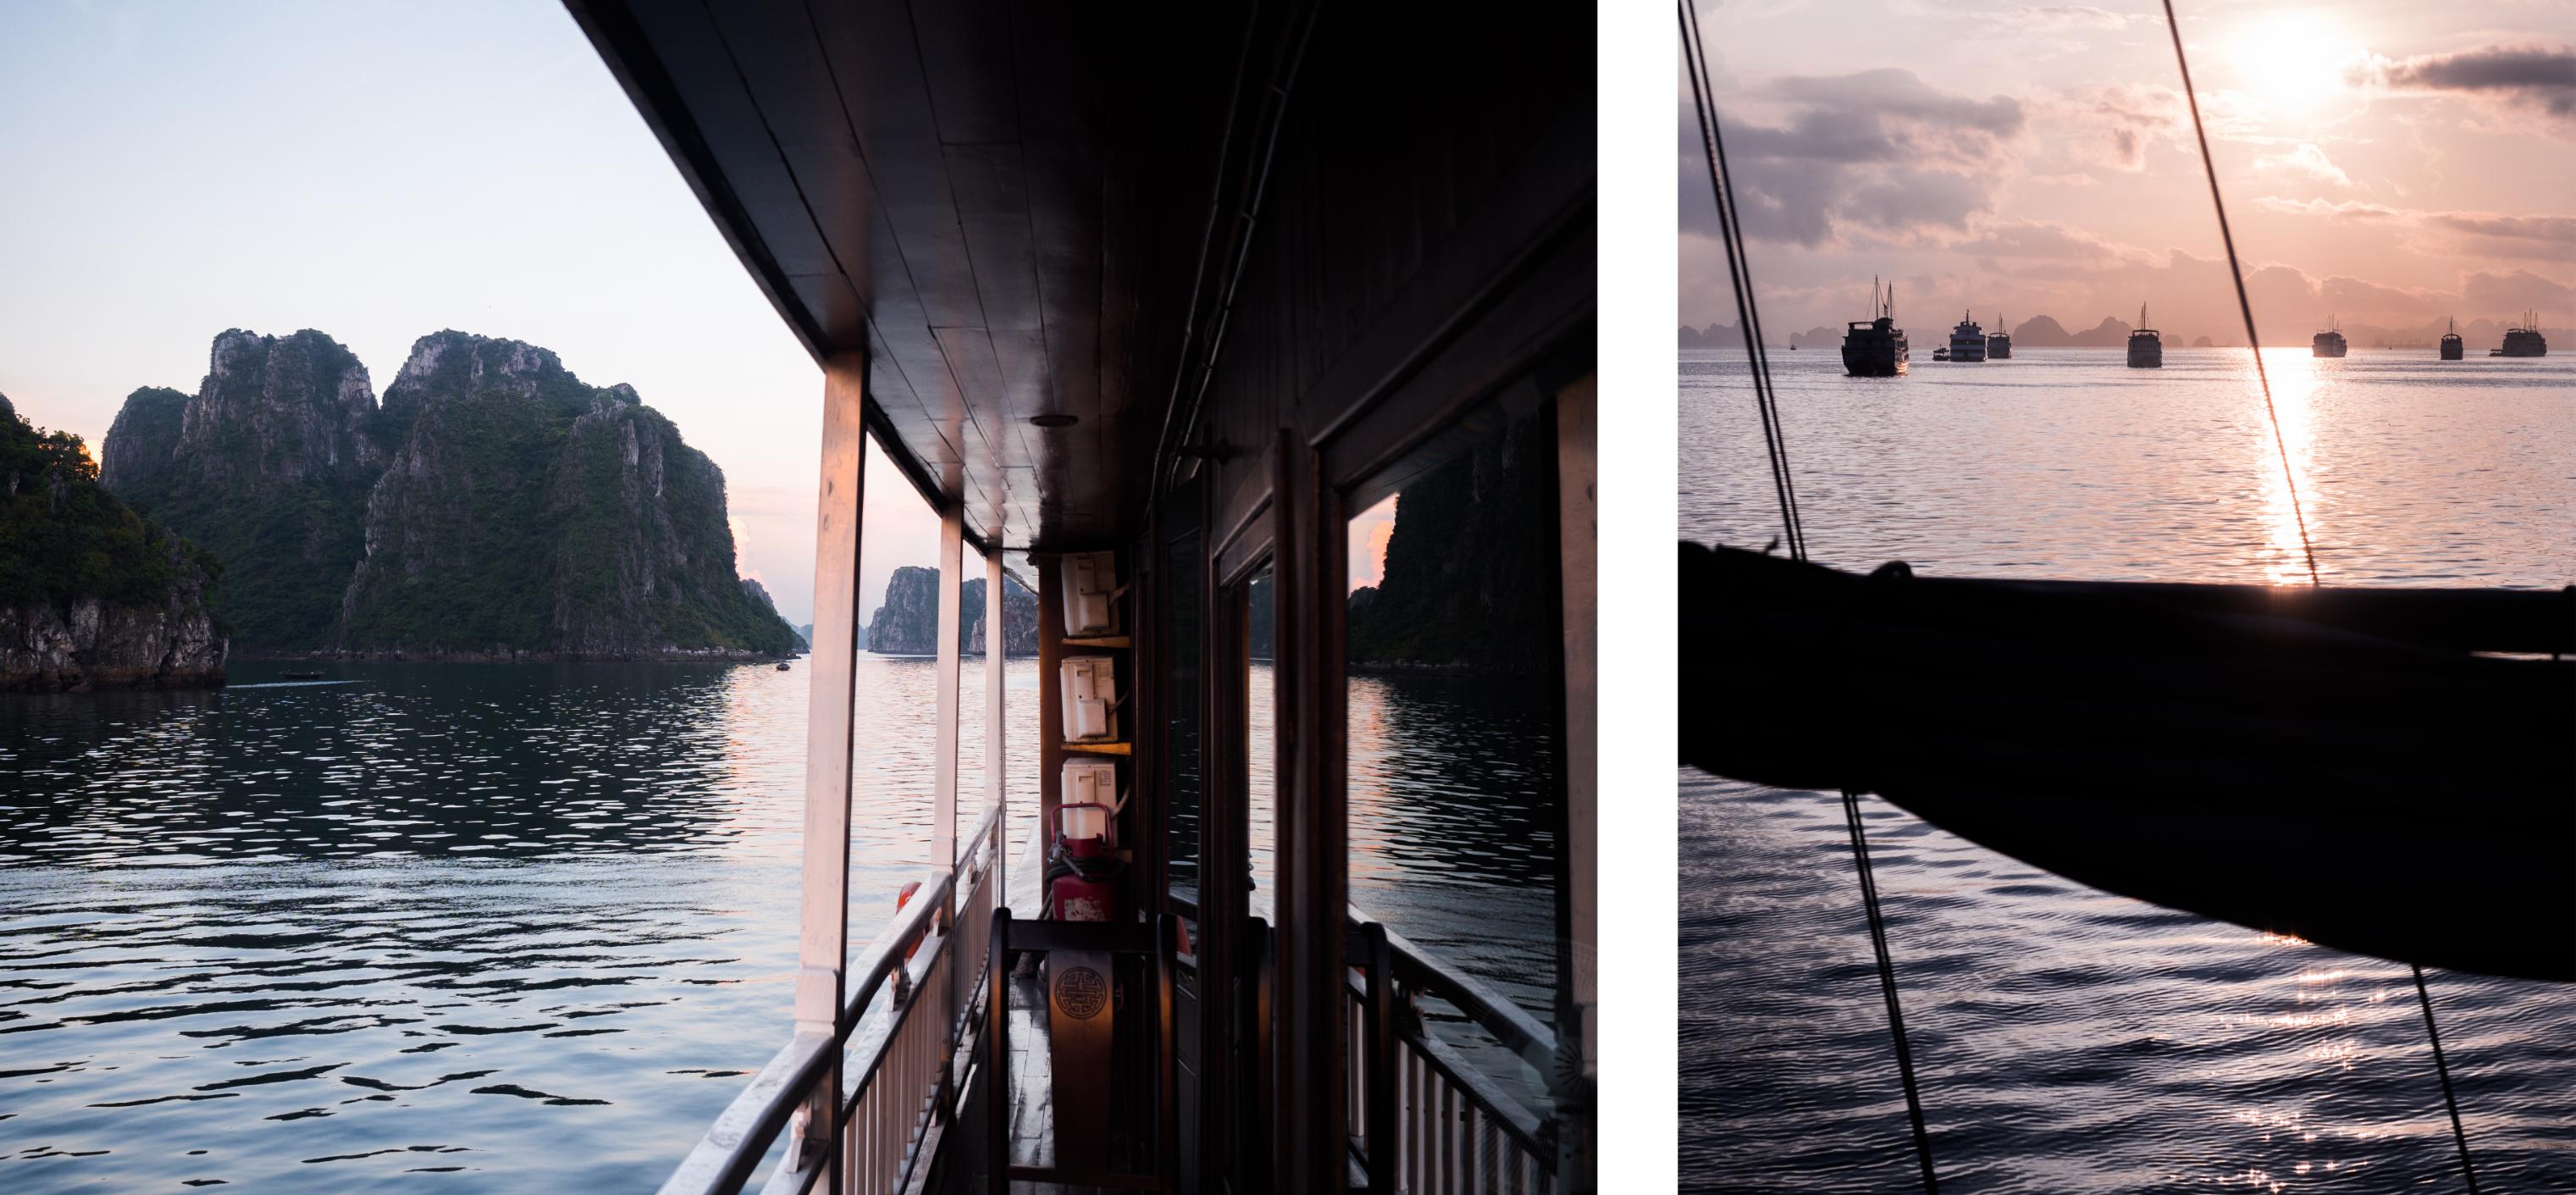 découvrir la baie d'halong - voyager en jonque - slow travel